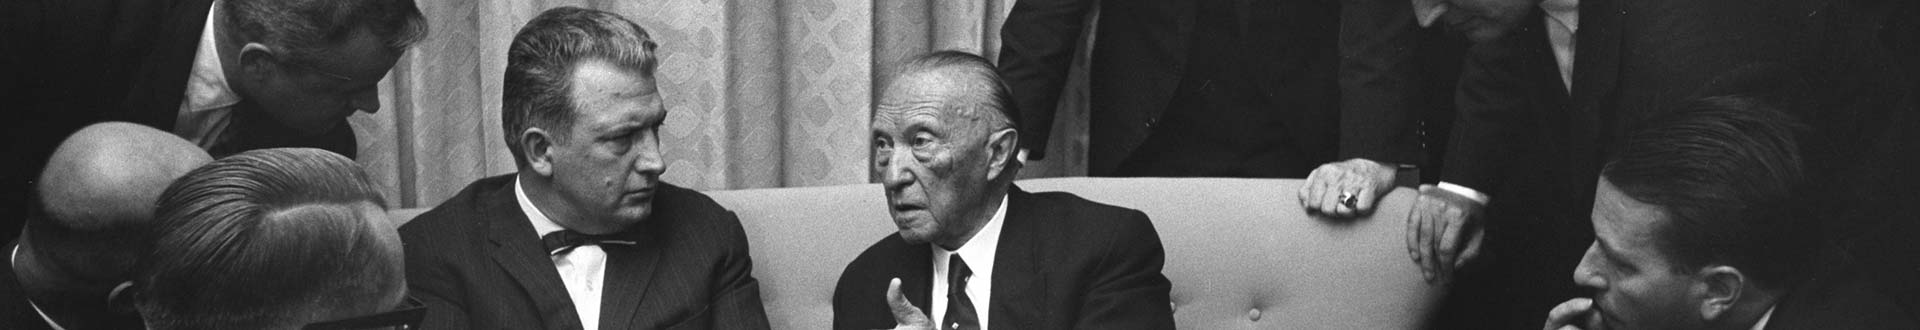 VAP mit Konrad Adenauer 1963